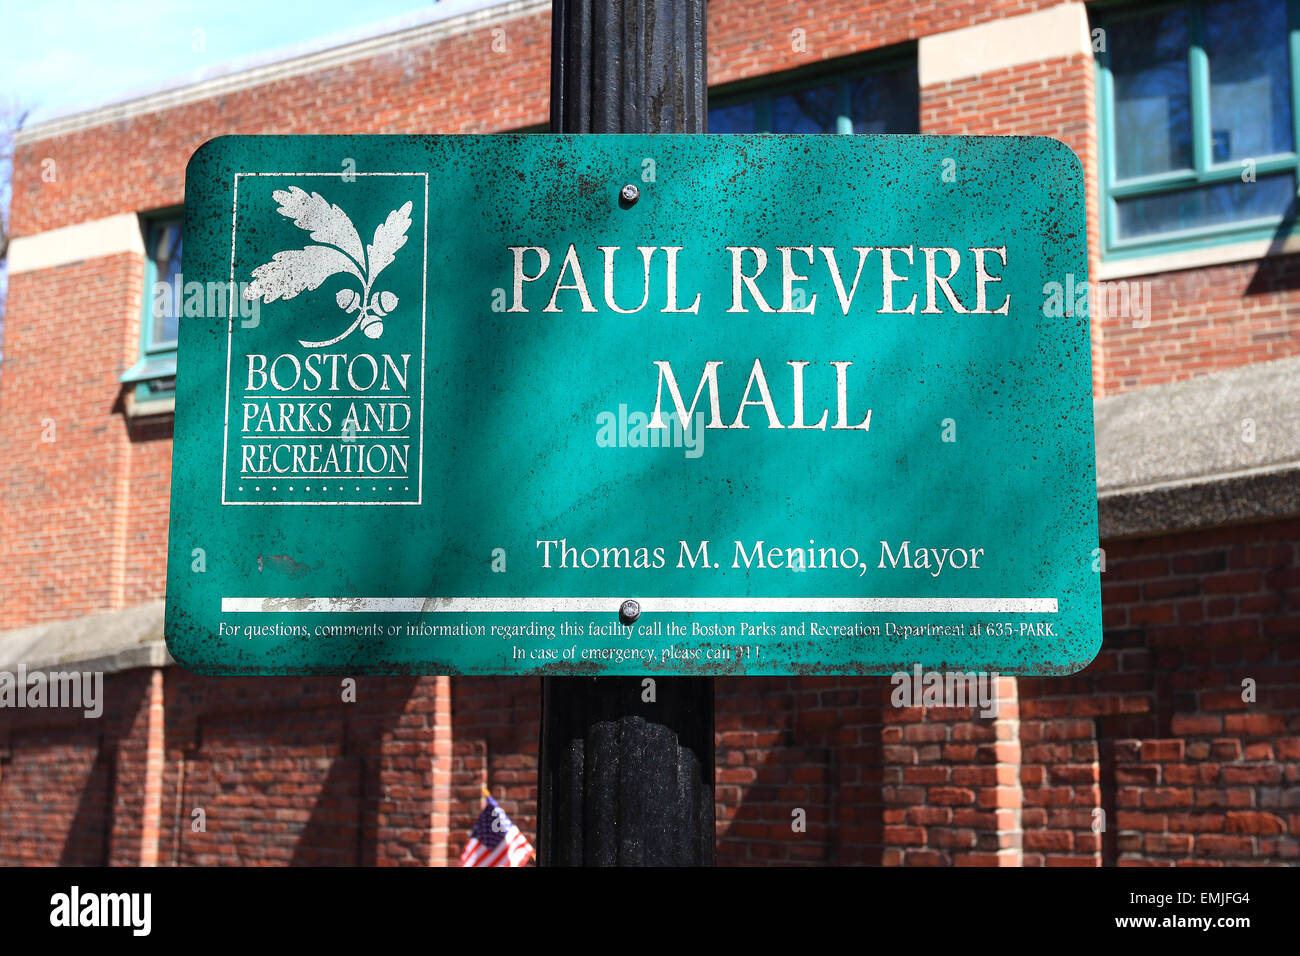 Signo histórico Freedom Trail de Boston. Paul Revere Mall. Boston, Massachusetts. Imagen De Stock